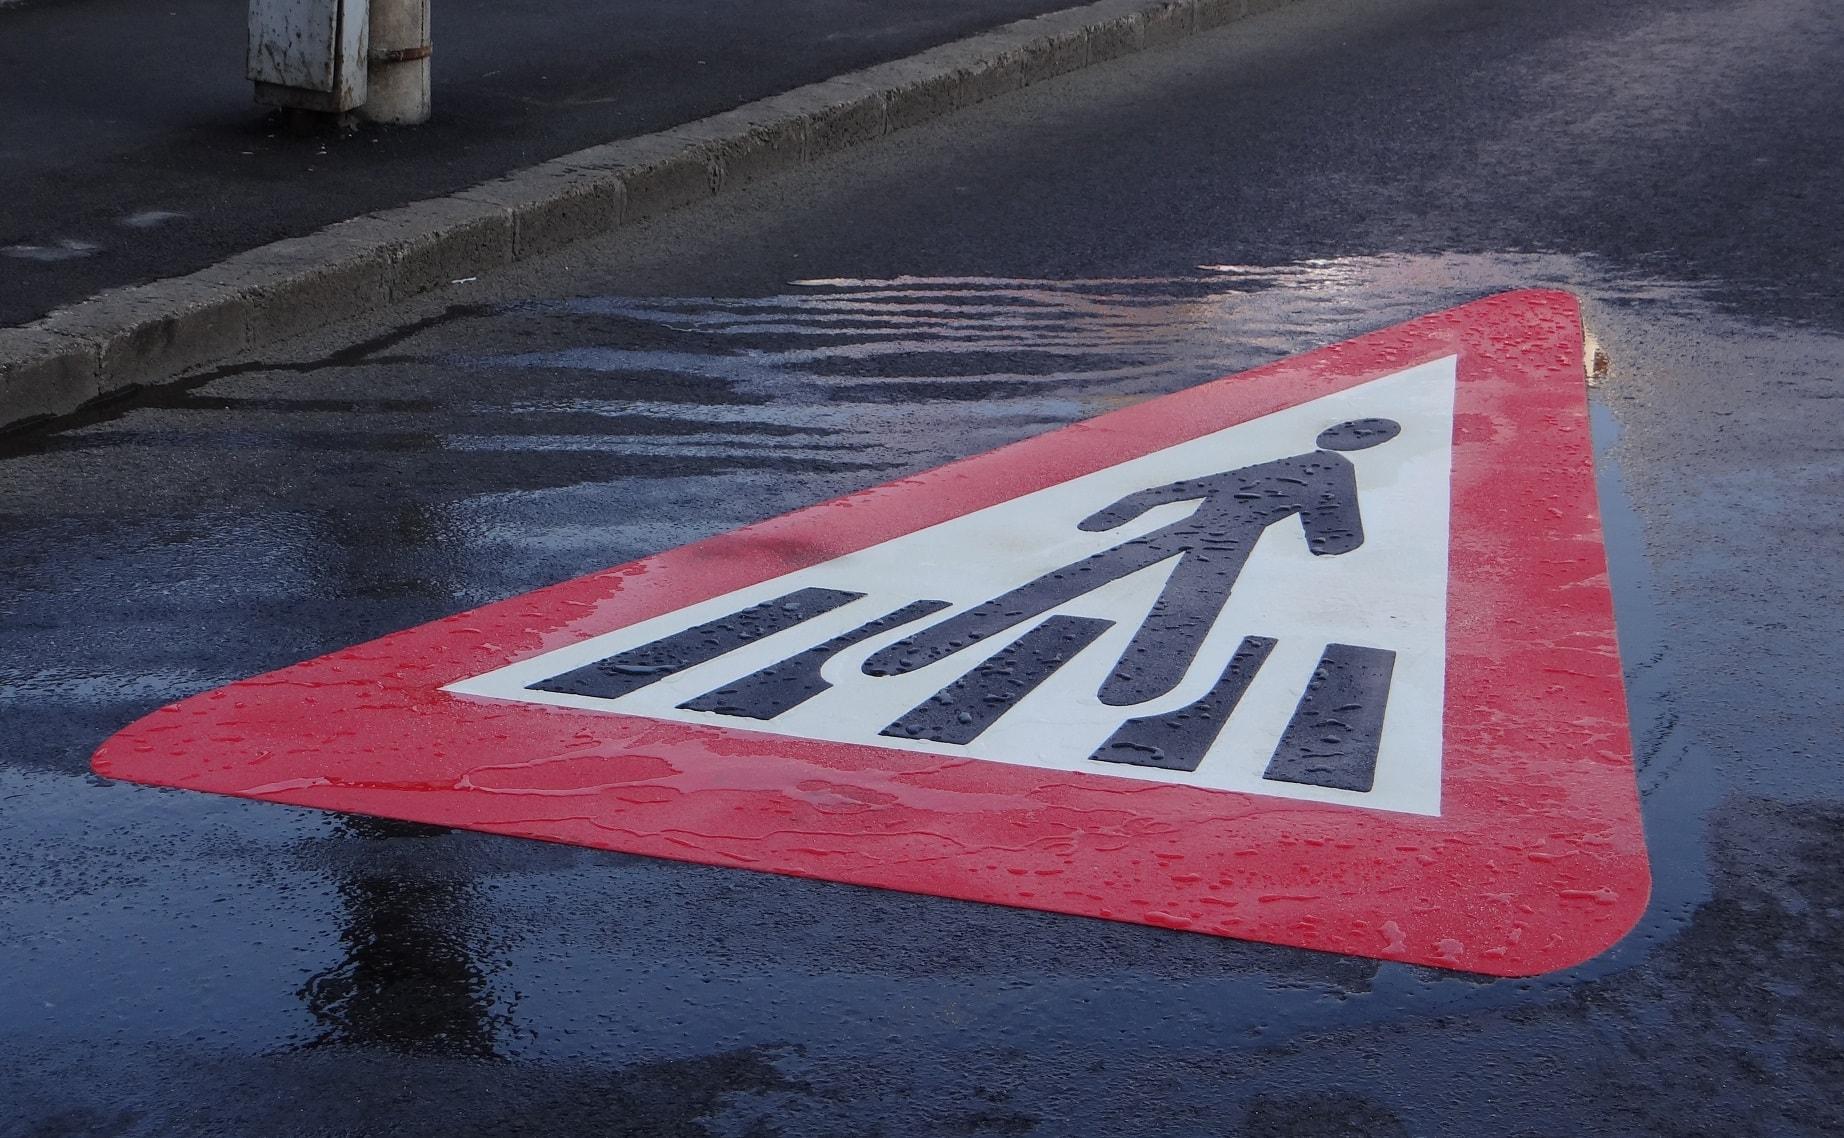 Елементи знаци думи букви и символи от термопластик за пътна маркировка